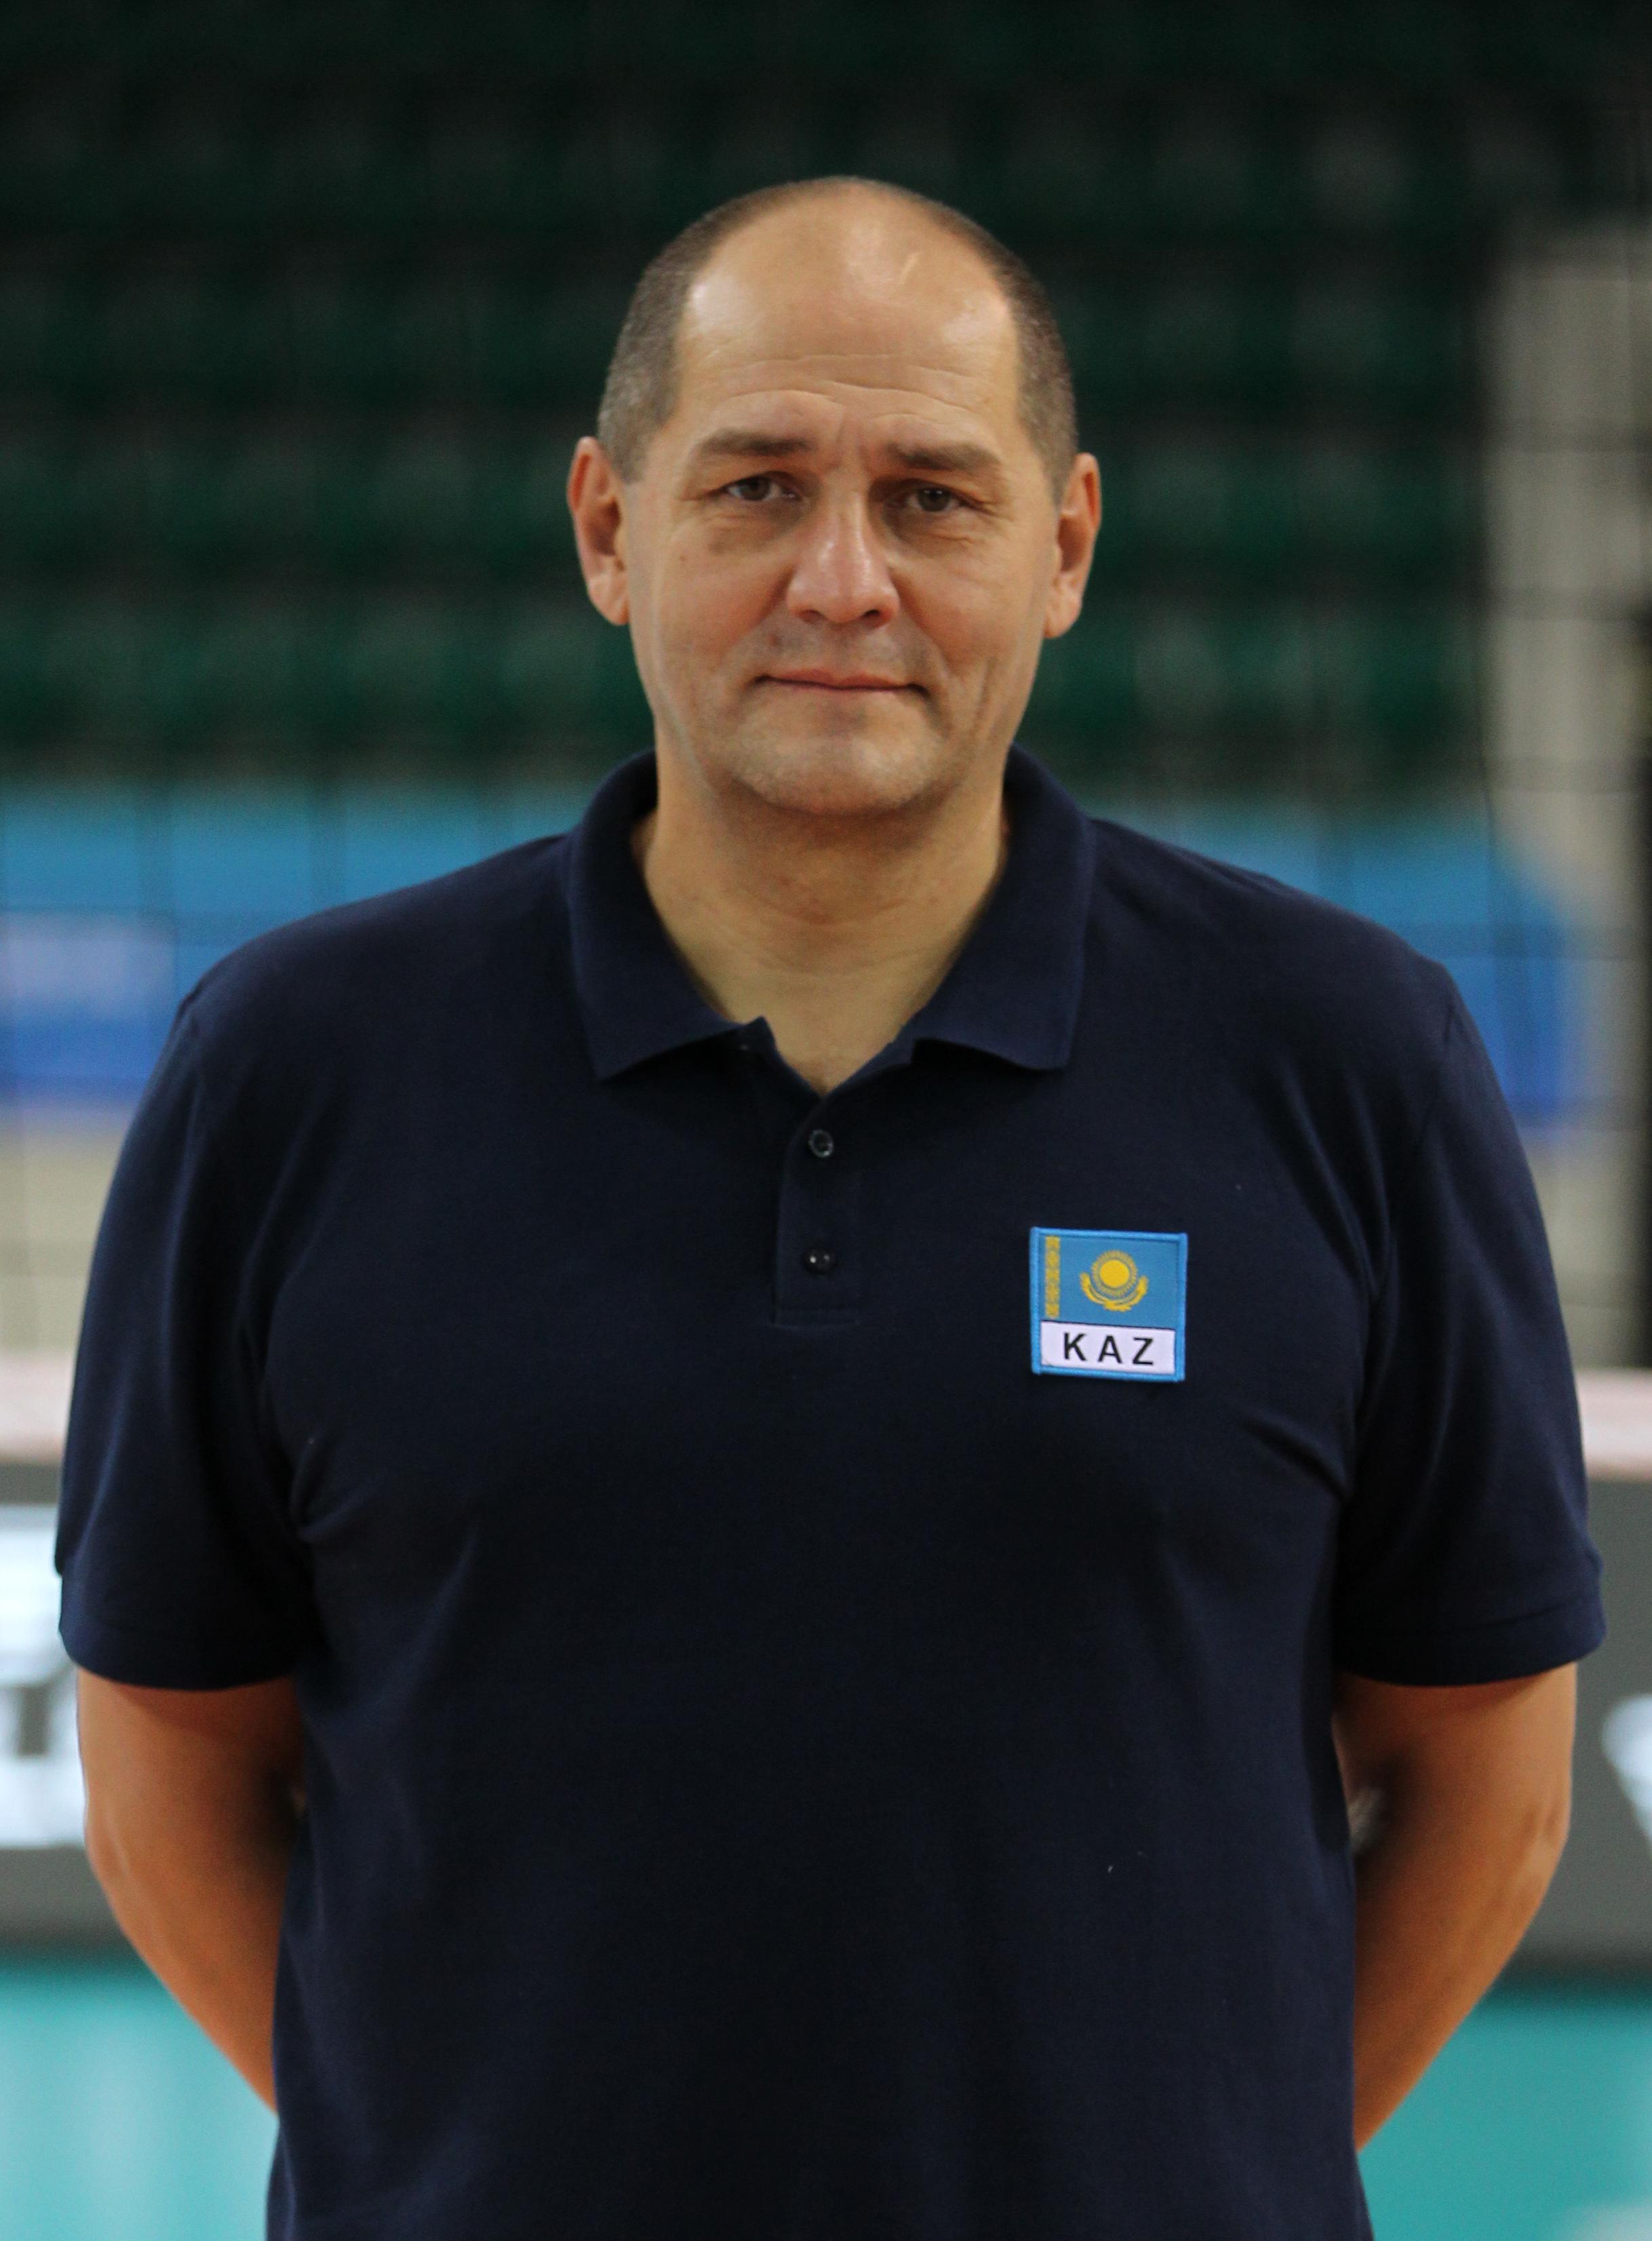 Gilyazutdinov Rafail